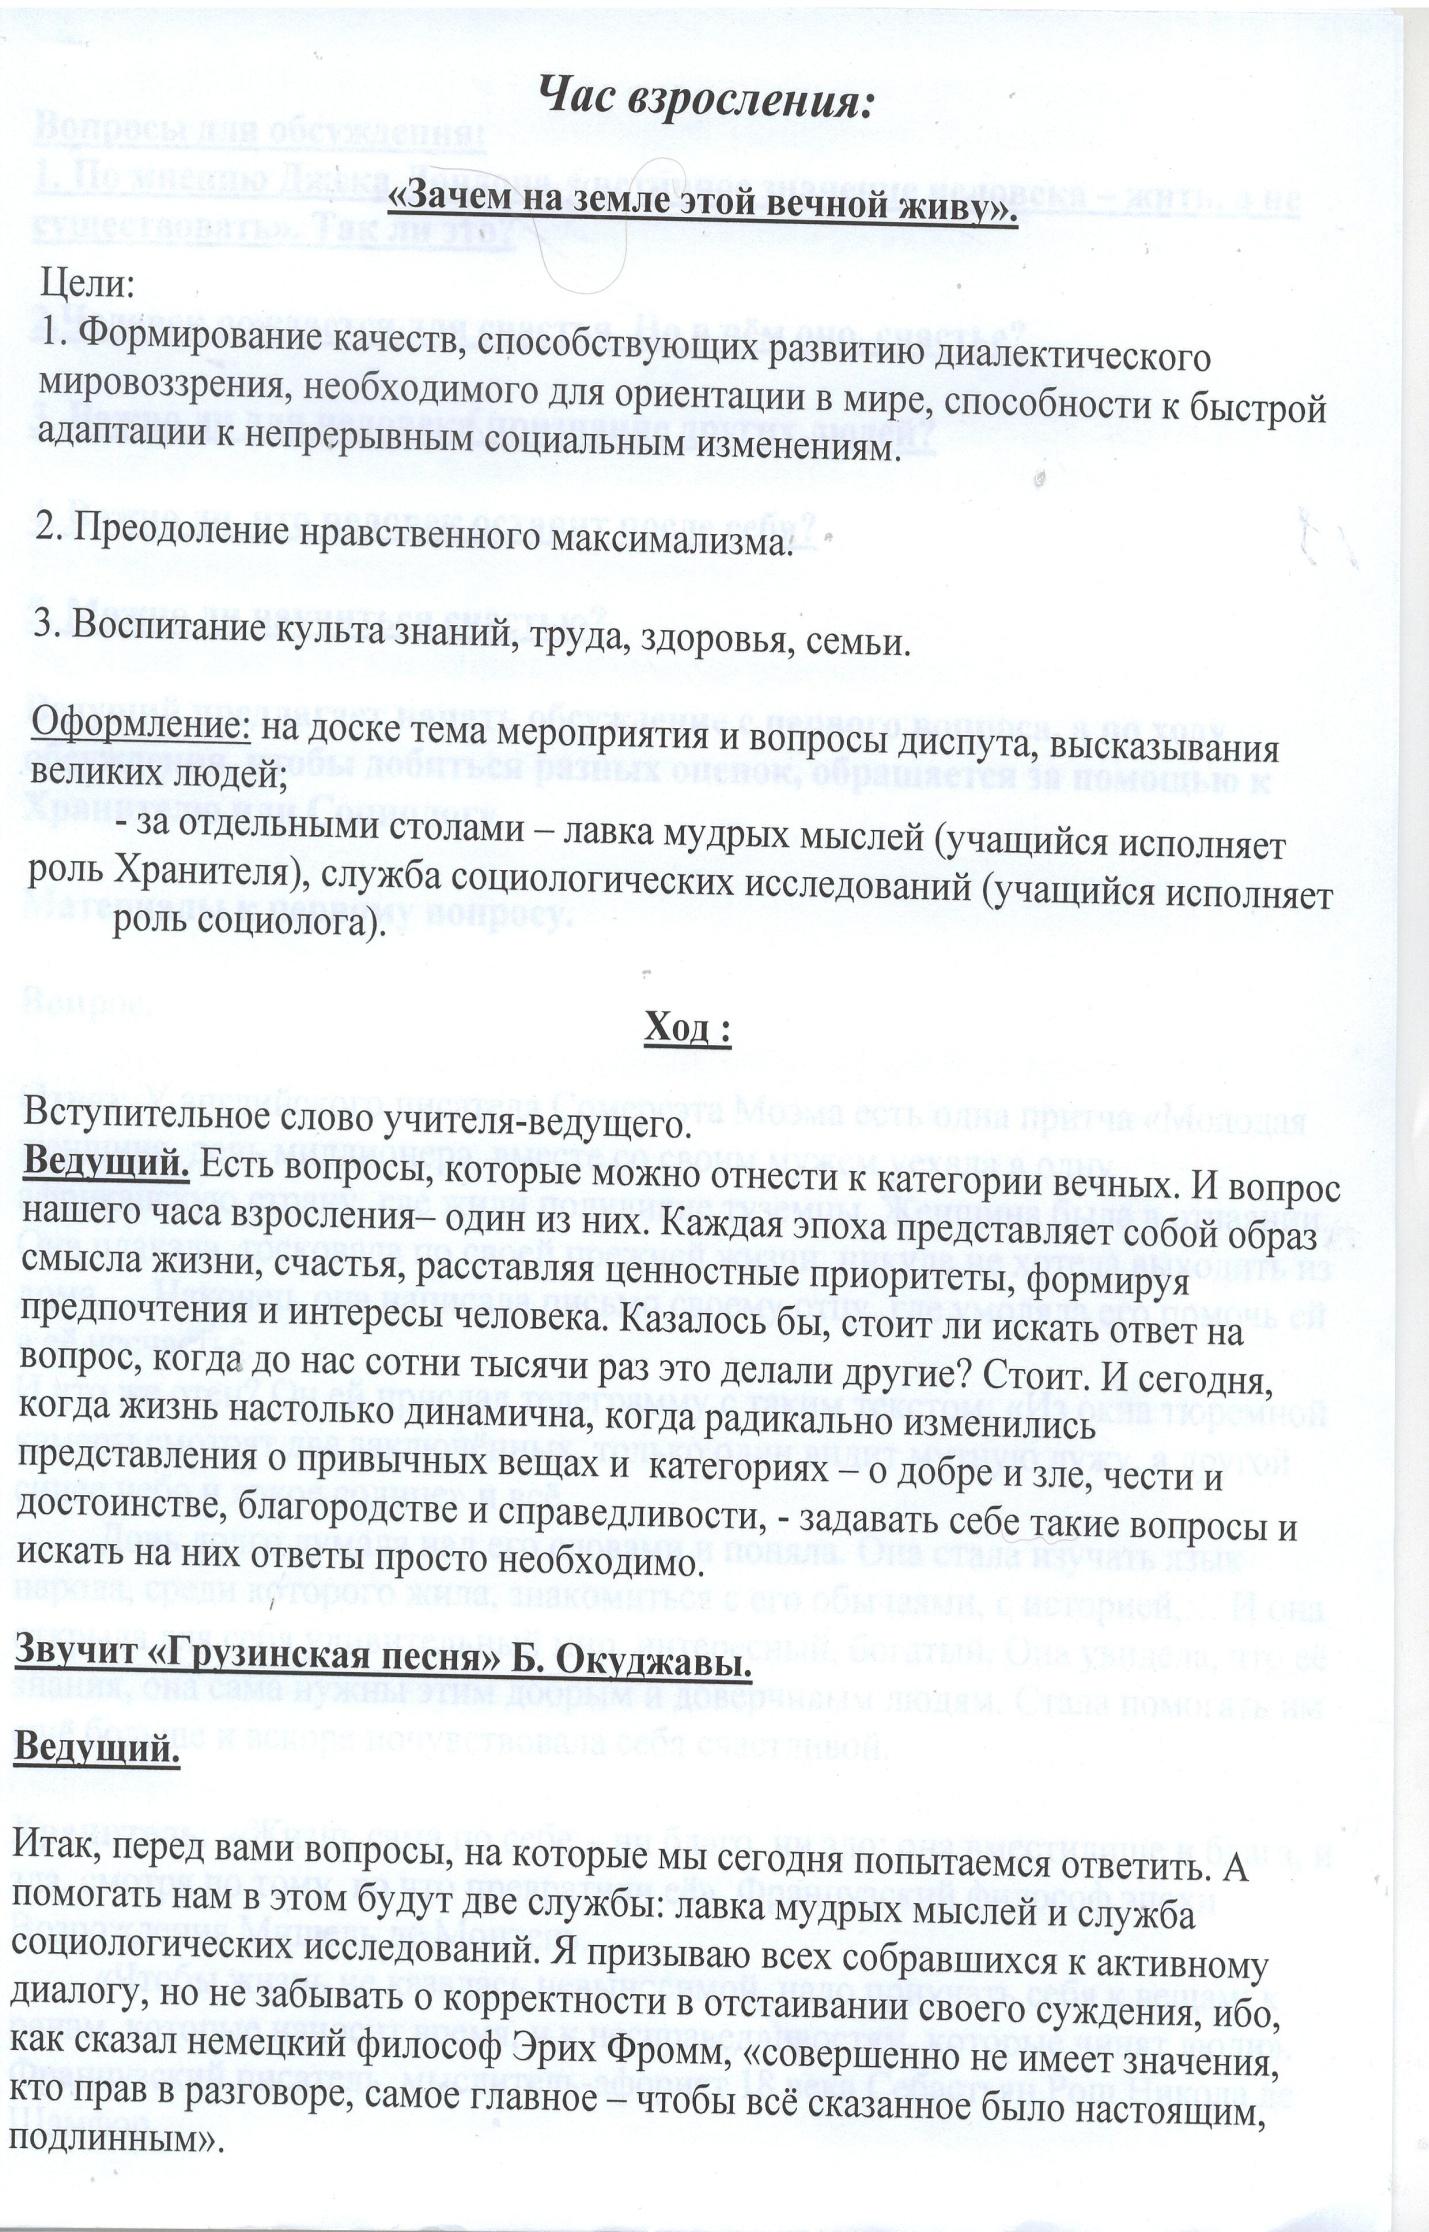 C:\Documents and Settings\Admin\Мои документы\внеклассное мероприятие\Сохранить0028.JPG